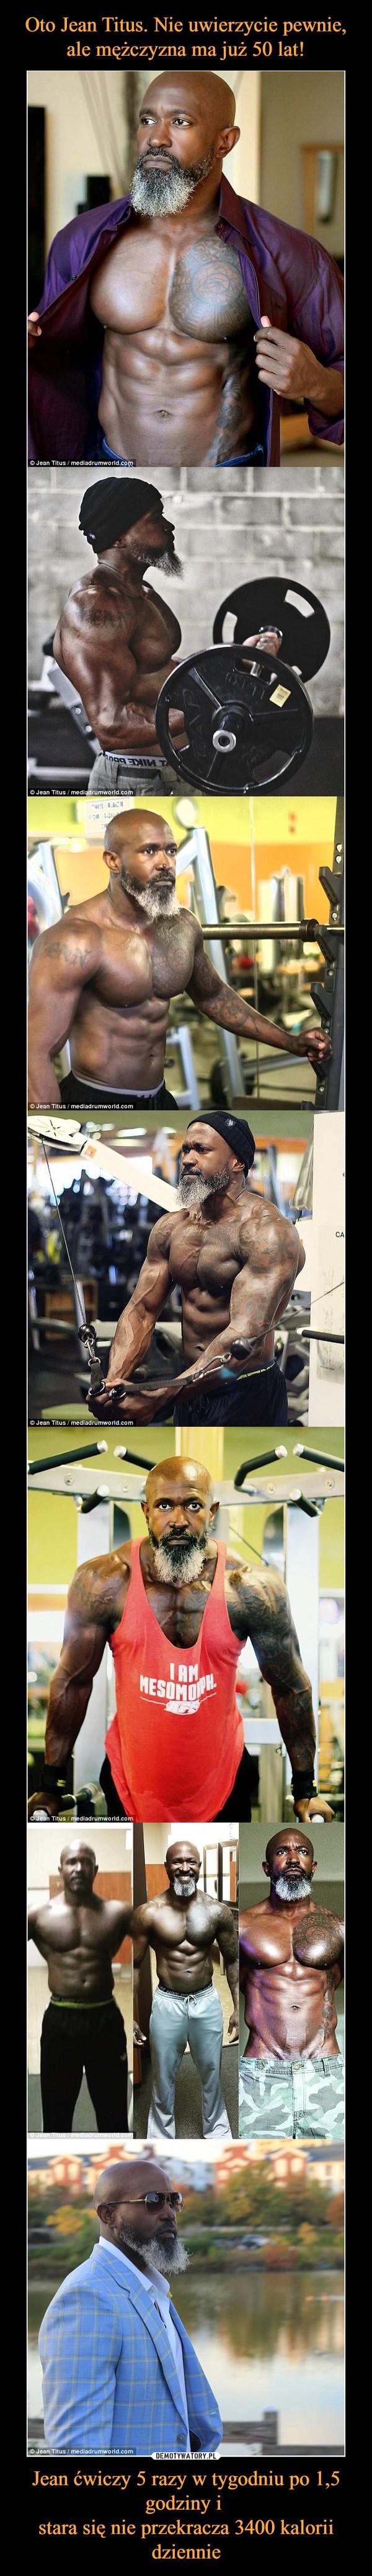 Jean ćwiczy 5 razy w tygodniu po 1,5 godziny i stara się nie przekracza 3400 kalorii dziennie –